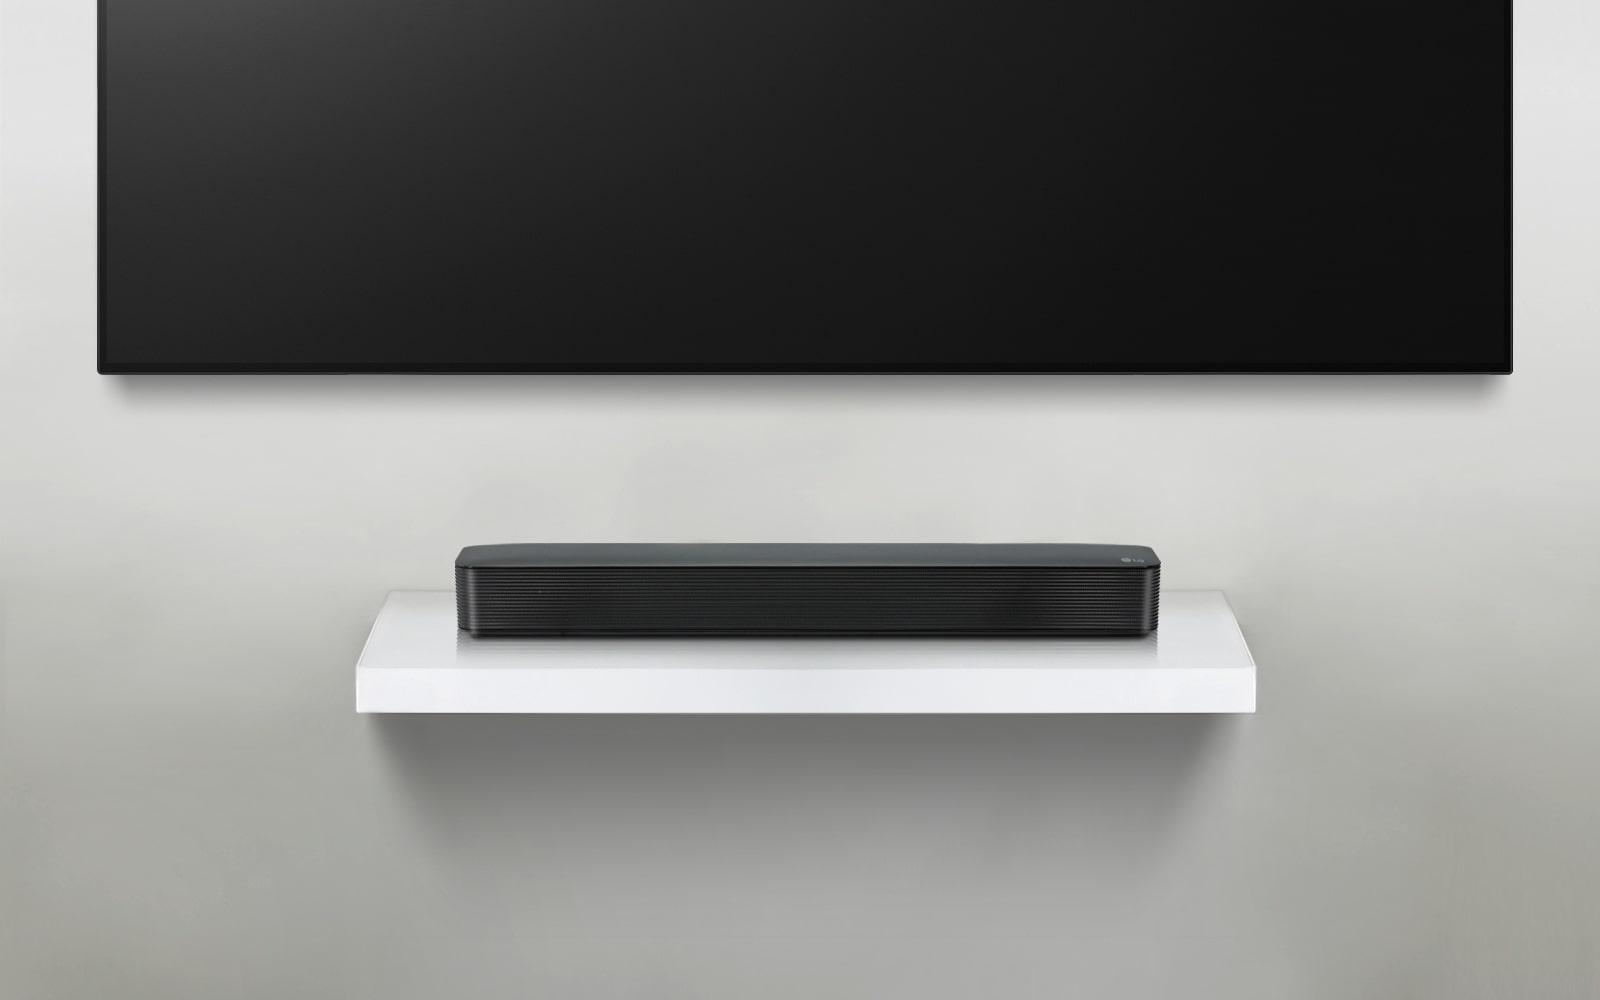 LG Soundbar SK1